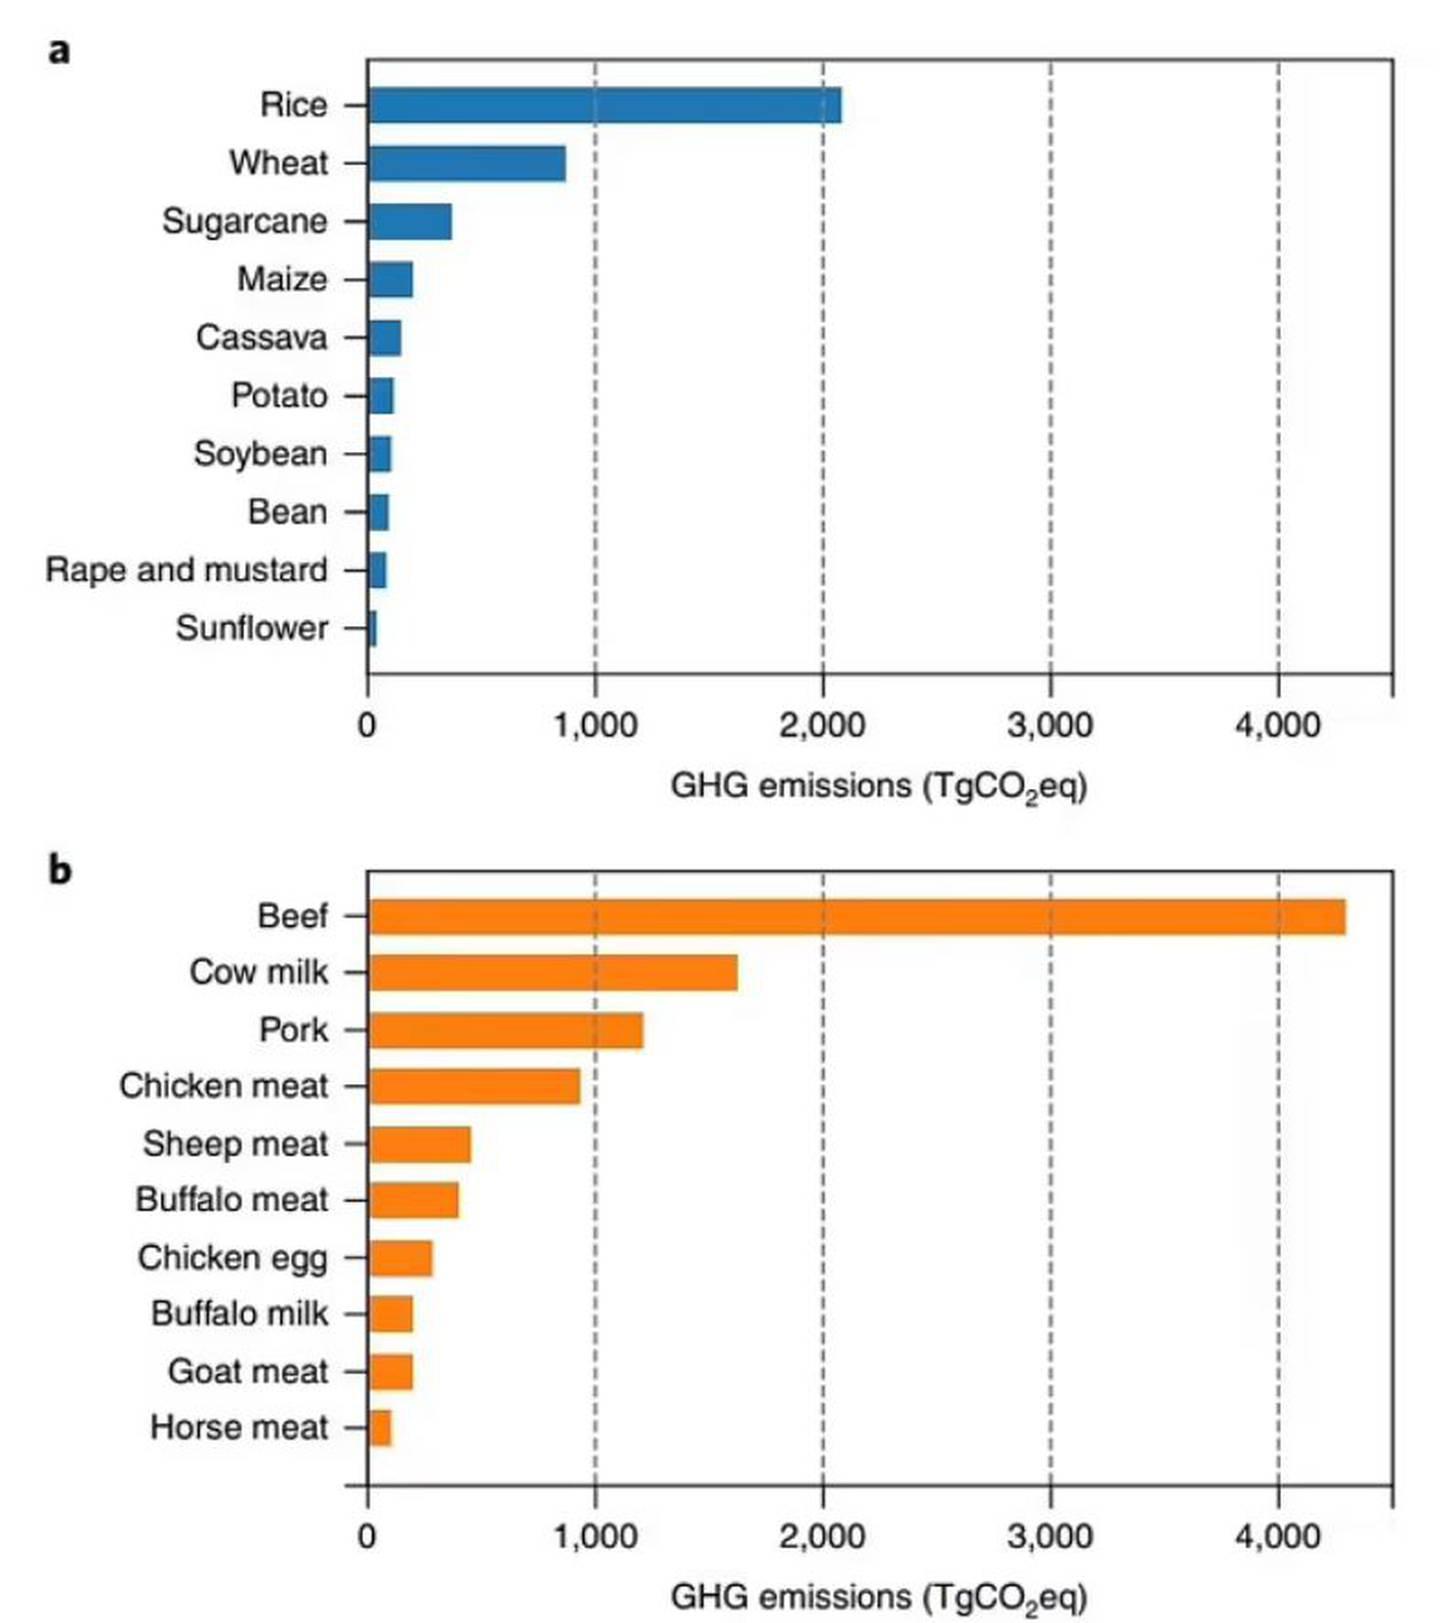 La carne de vacuno fue, con mucho, responsable de la mayor cantidad de emisiones de gases de efecto invernadero de todas las carnes y productos lácteos.